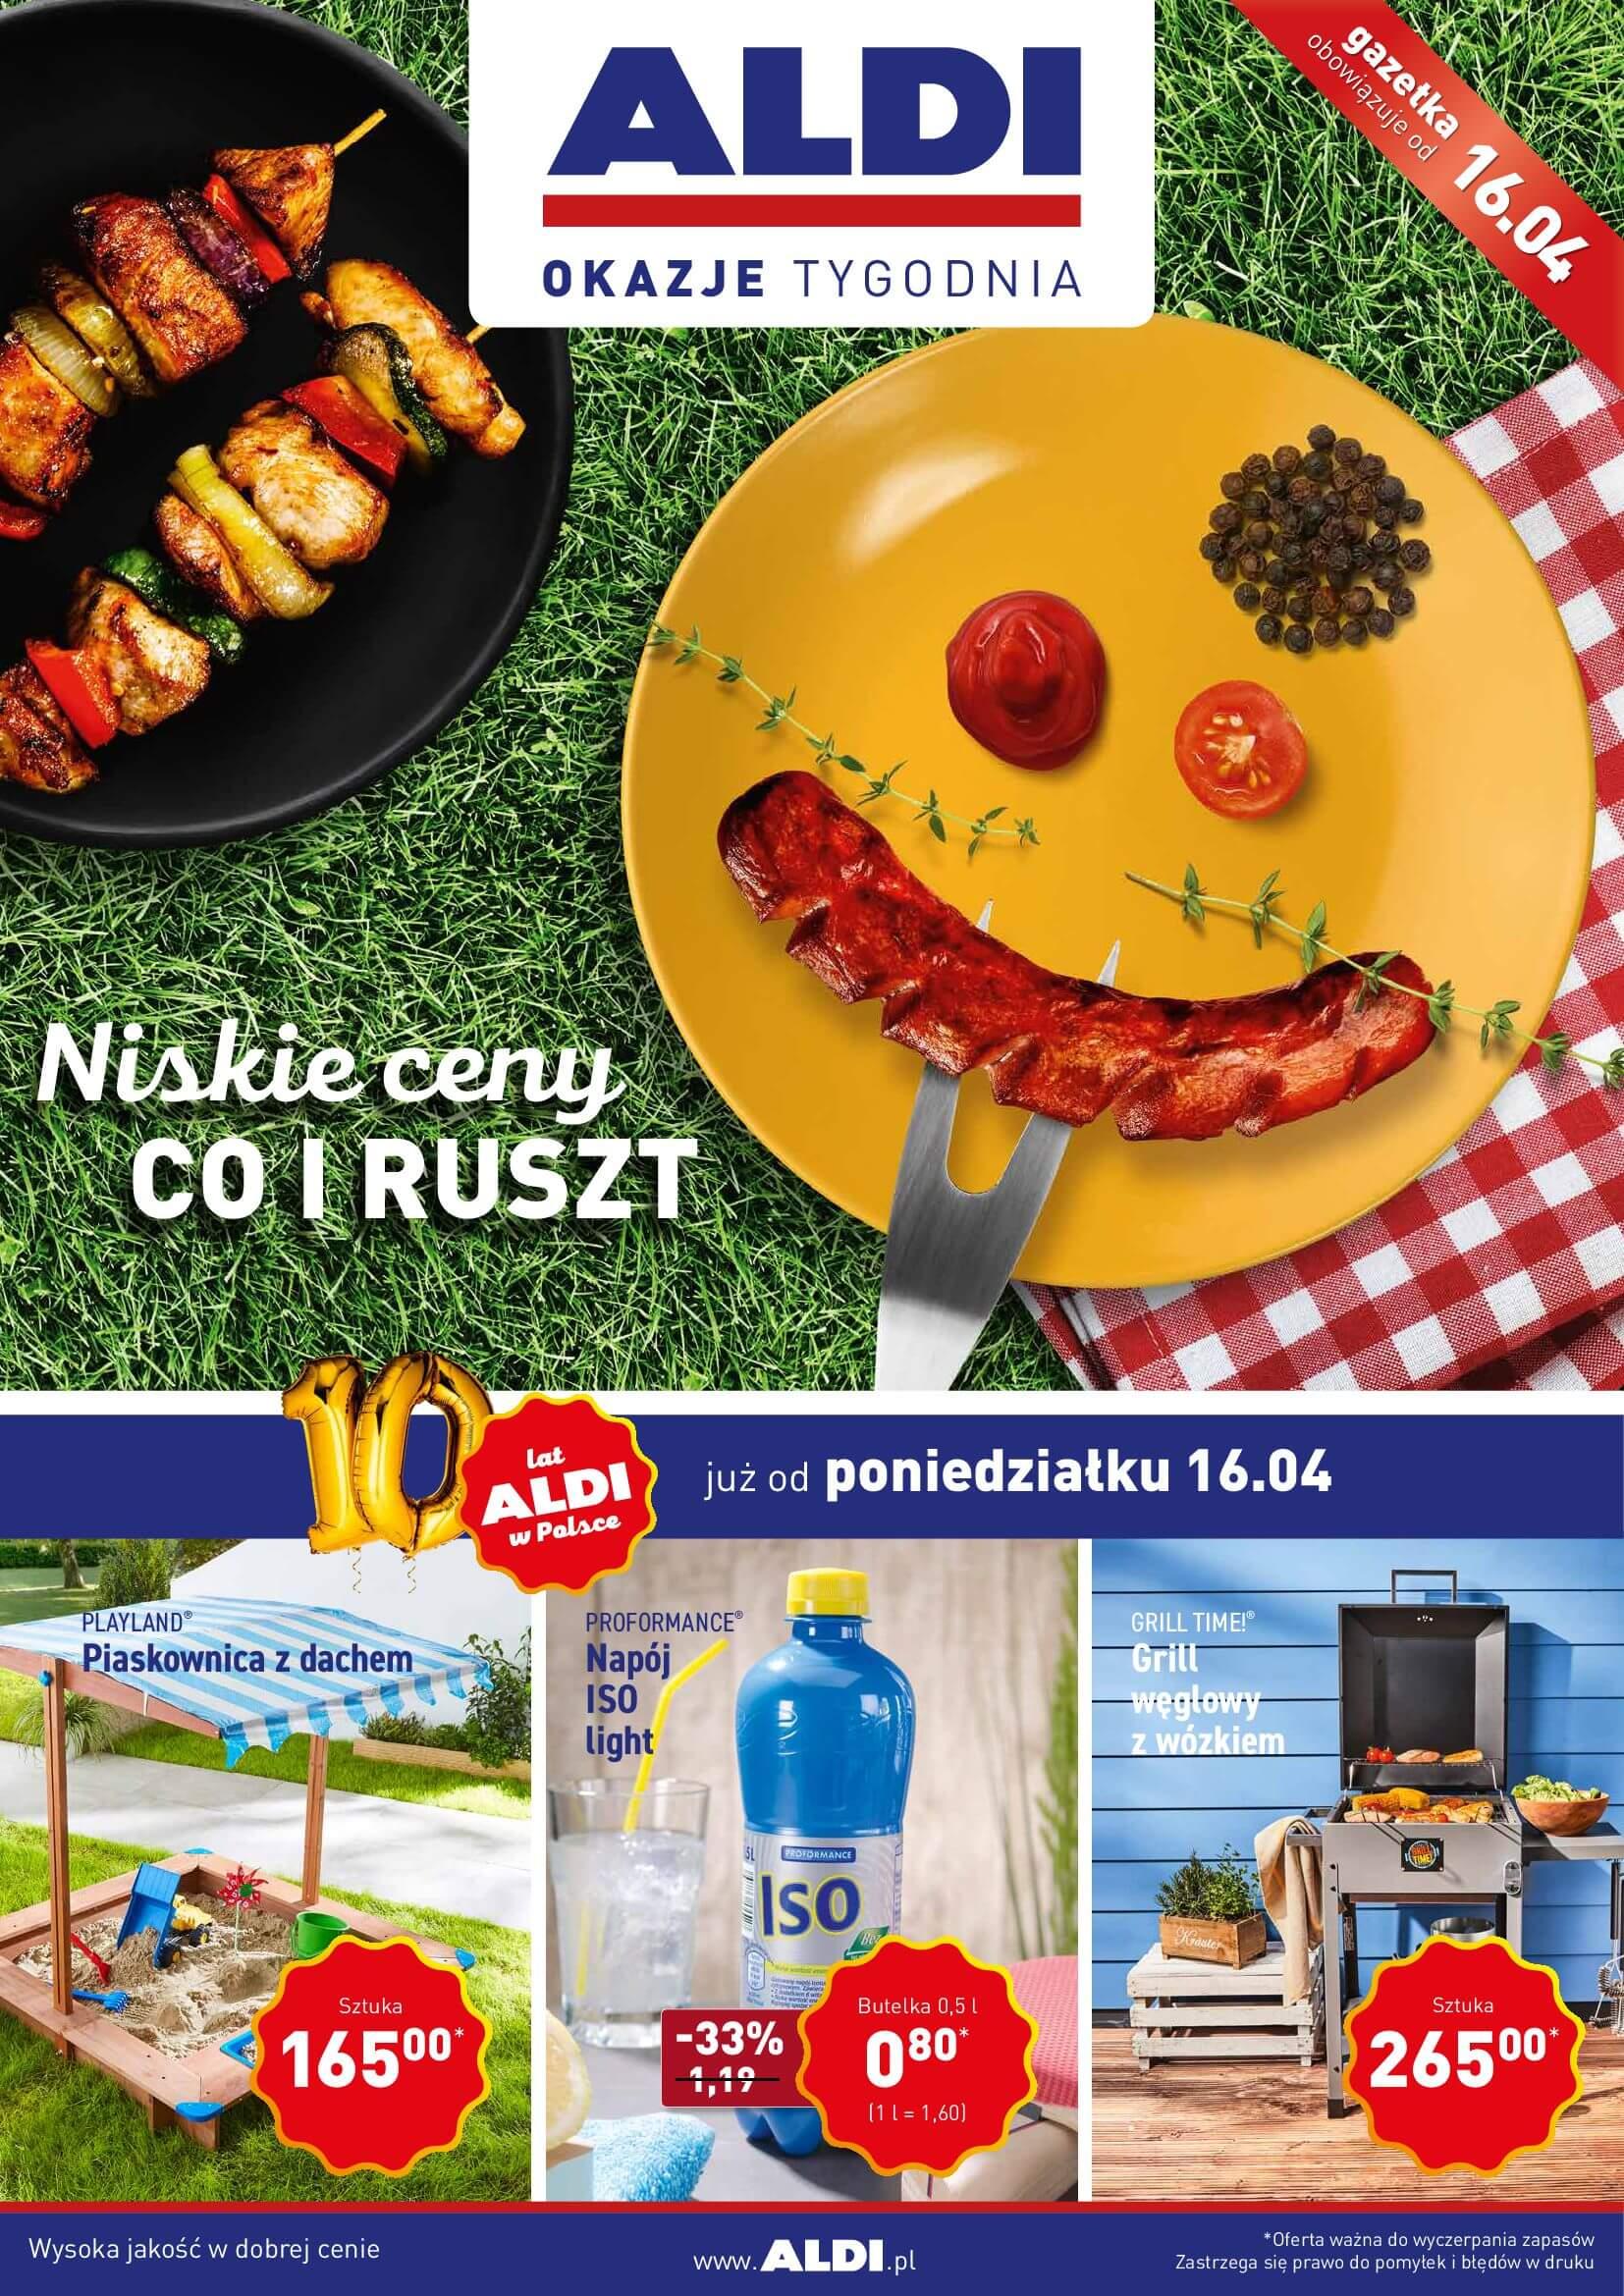 Gazetka Aldi - Niskie ceny CO I RUSZT-15.04.2018-22.04.2018-page-